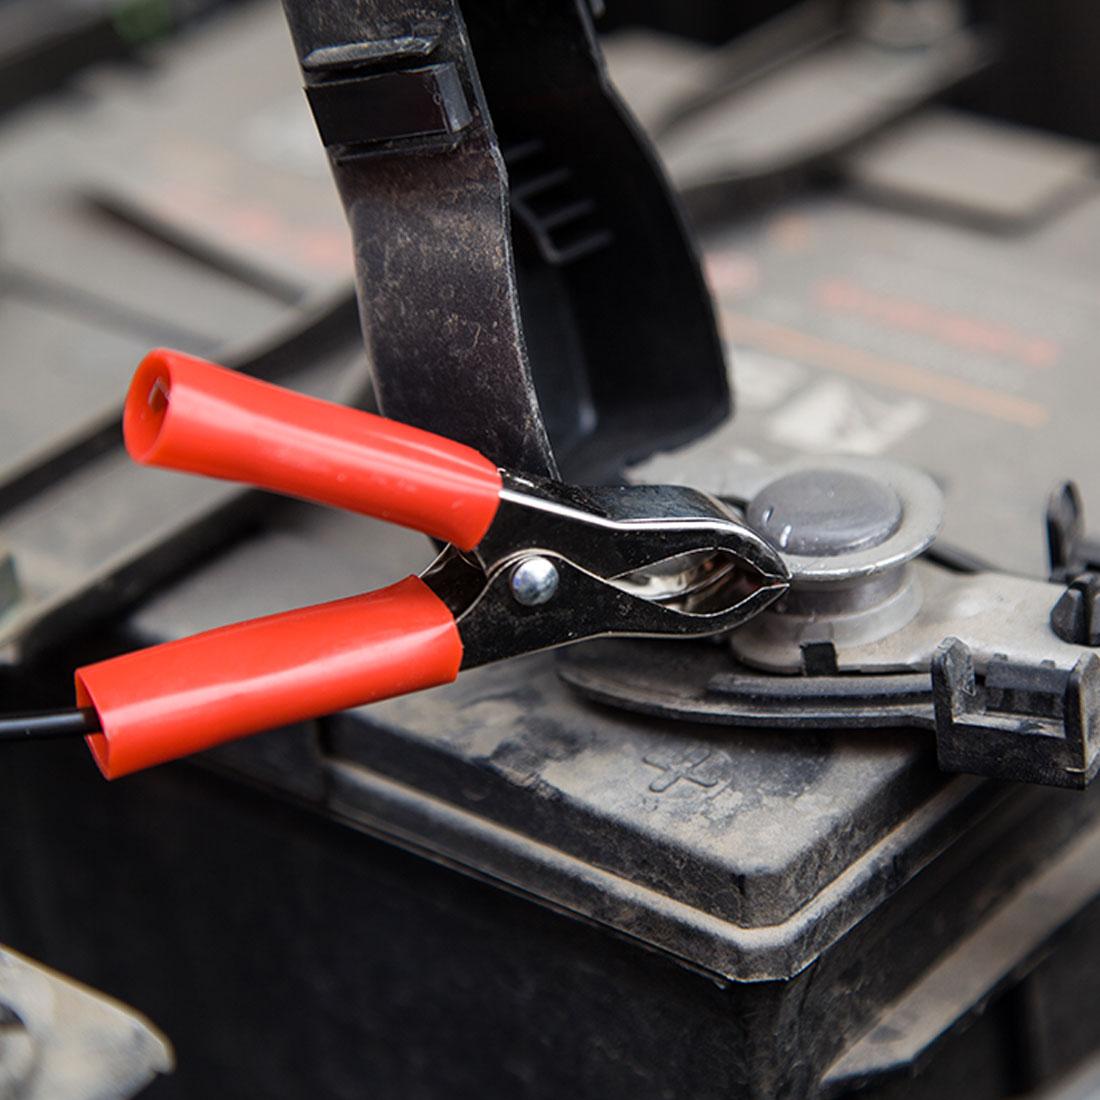 VOITURE-compartiment Nouvelle Voiture Extracteur D'huile Pompe DC 12 v 60 w Voiture Moto Diesel Fluide De Récupération D'huile Liquide échange Transfert Pompe À Huile